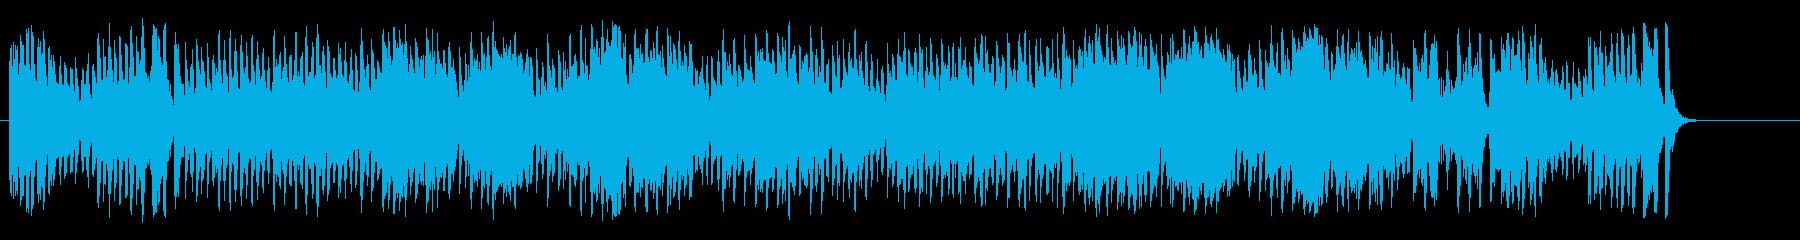 なつかしの歌謡曲風マイナー・ポップスの再生済みの波形